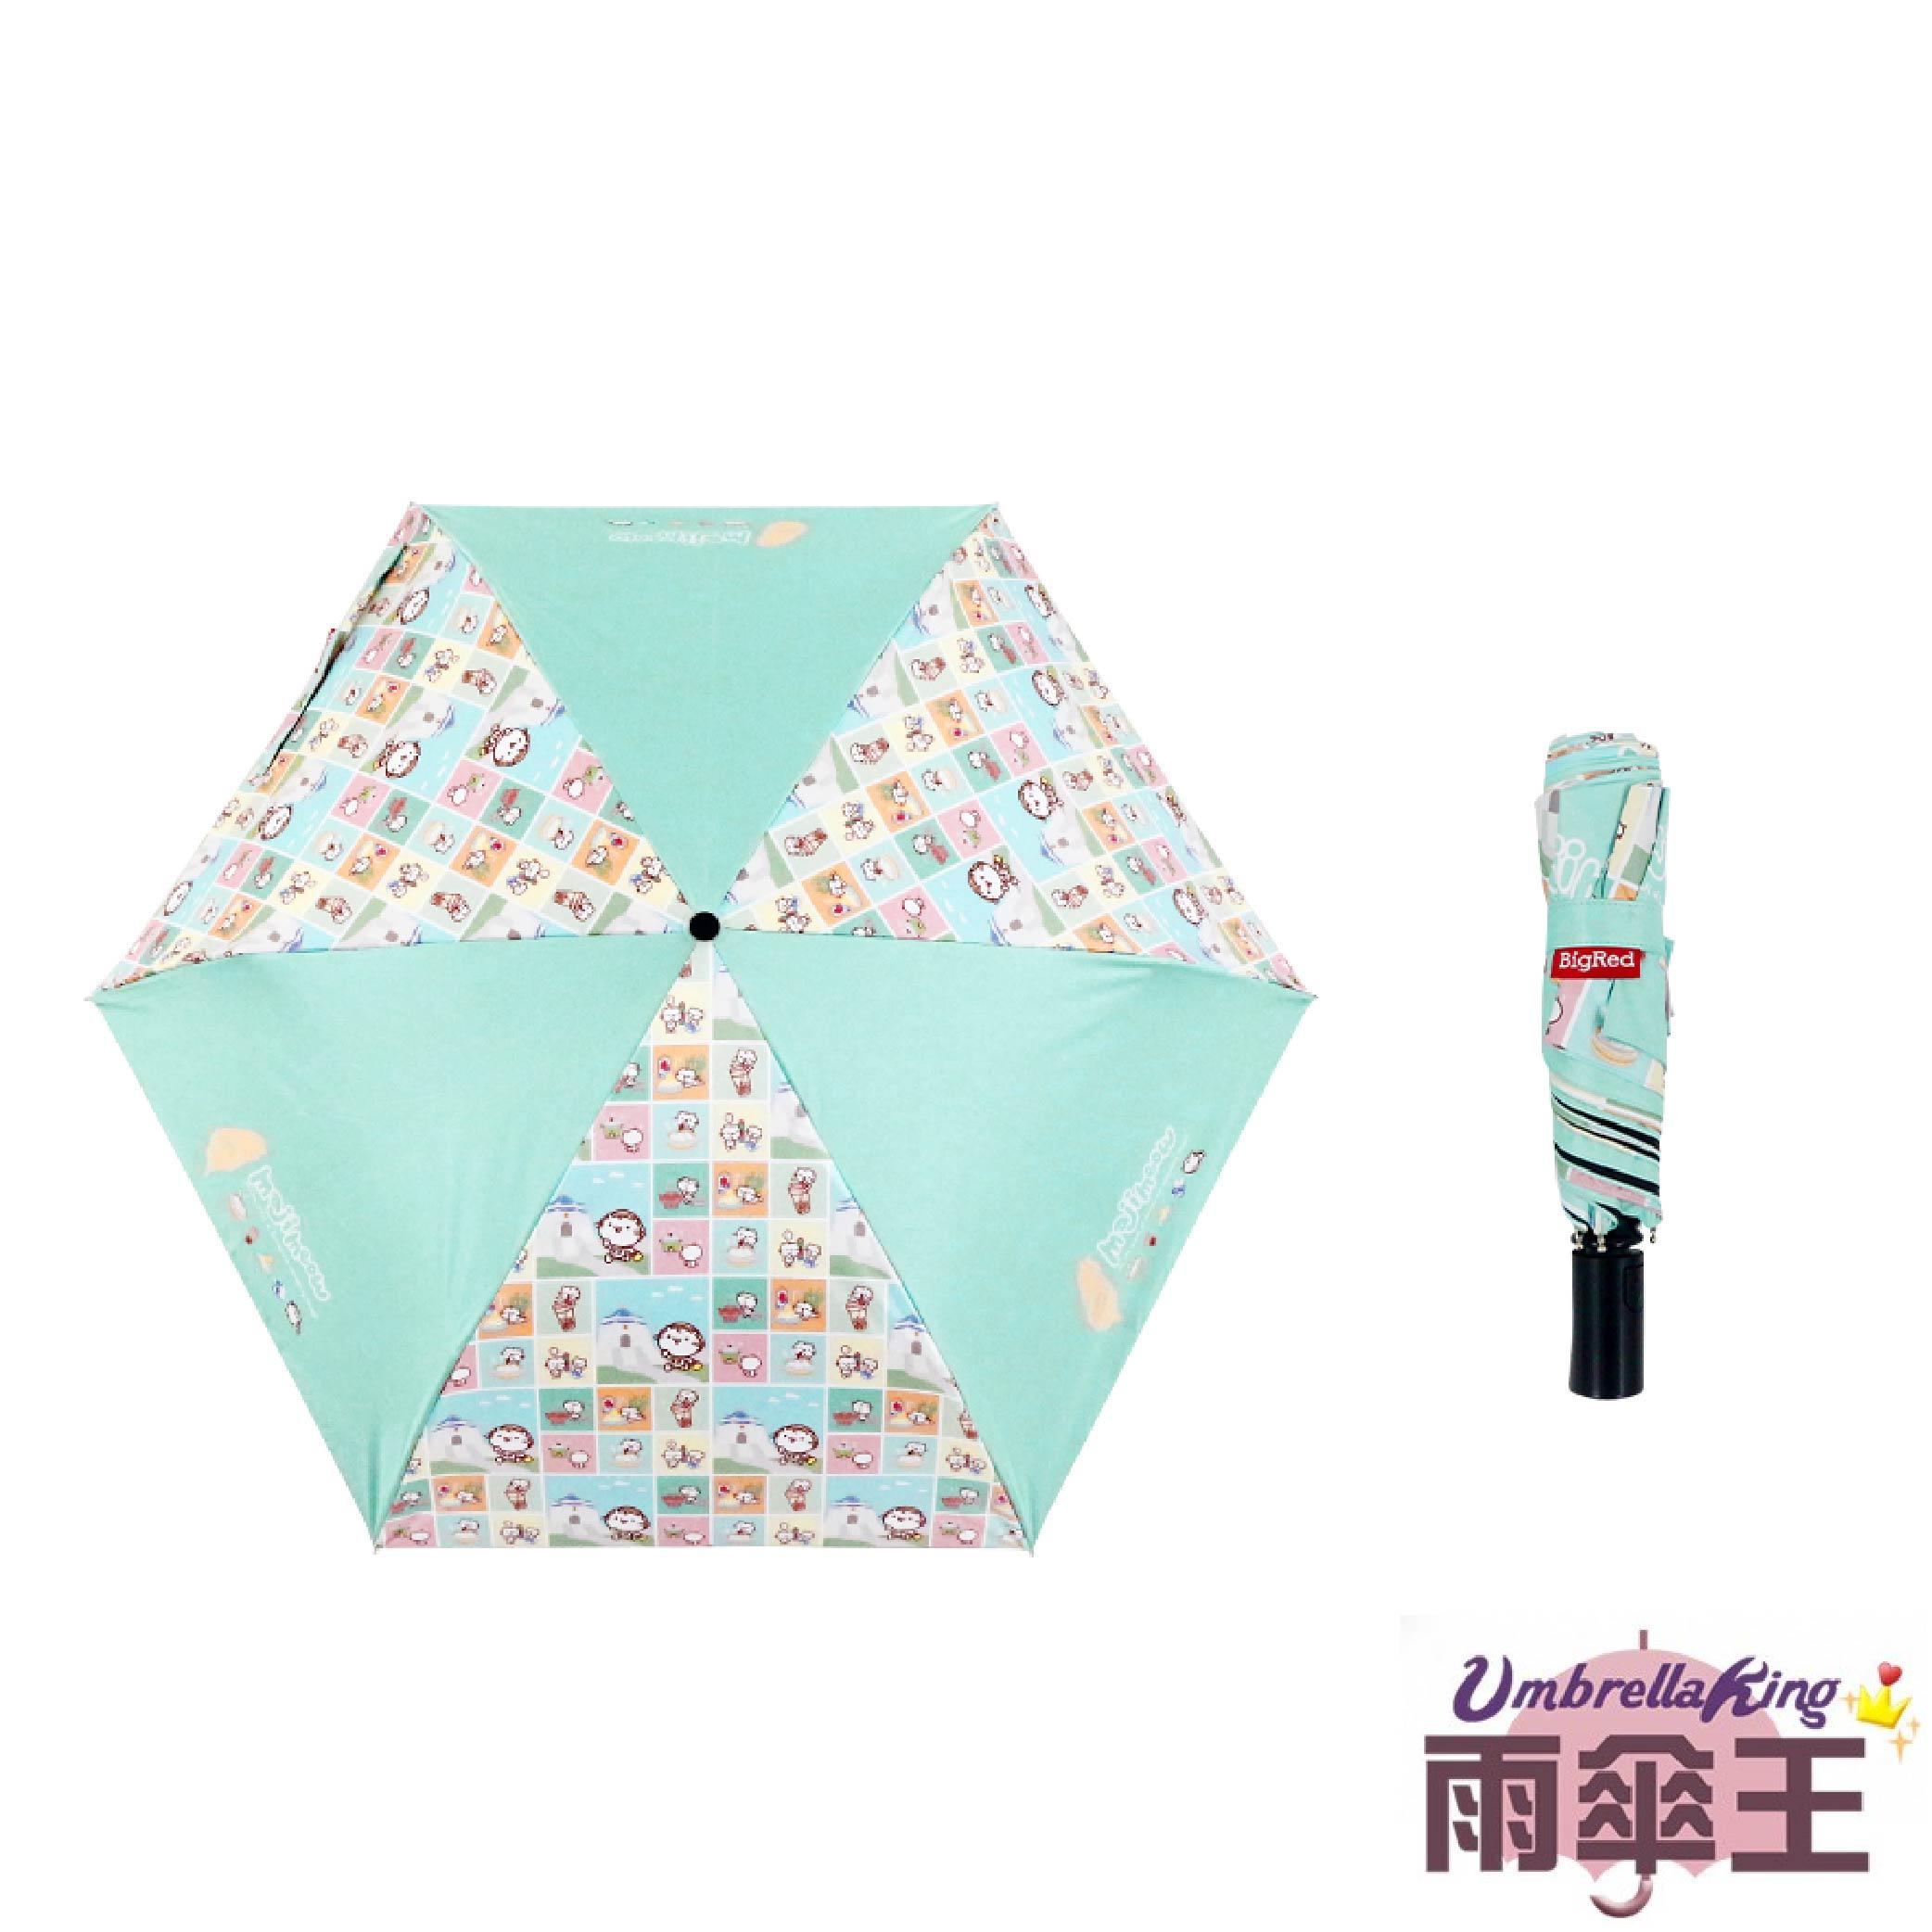 【雨傘王 x 麻吉貓】涼感遮陽傘-愛台灣